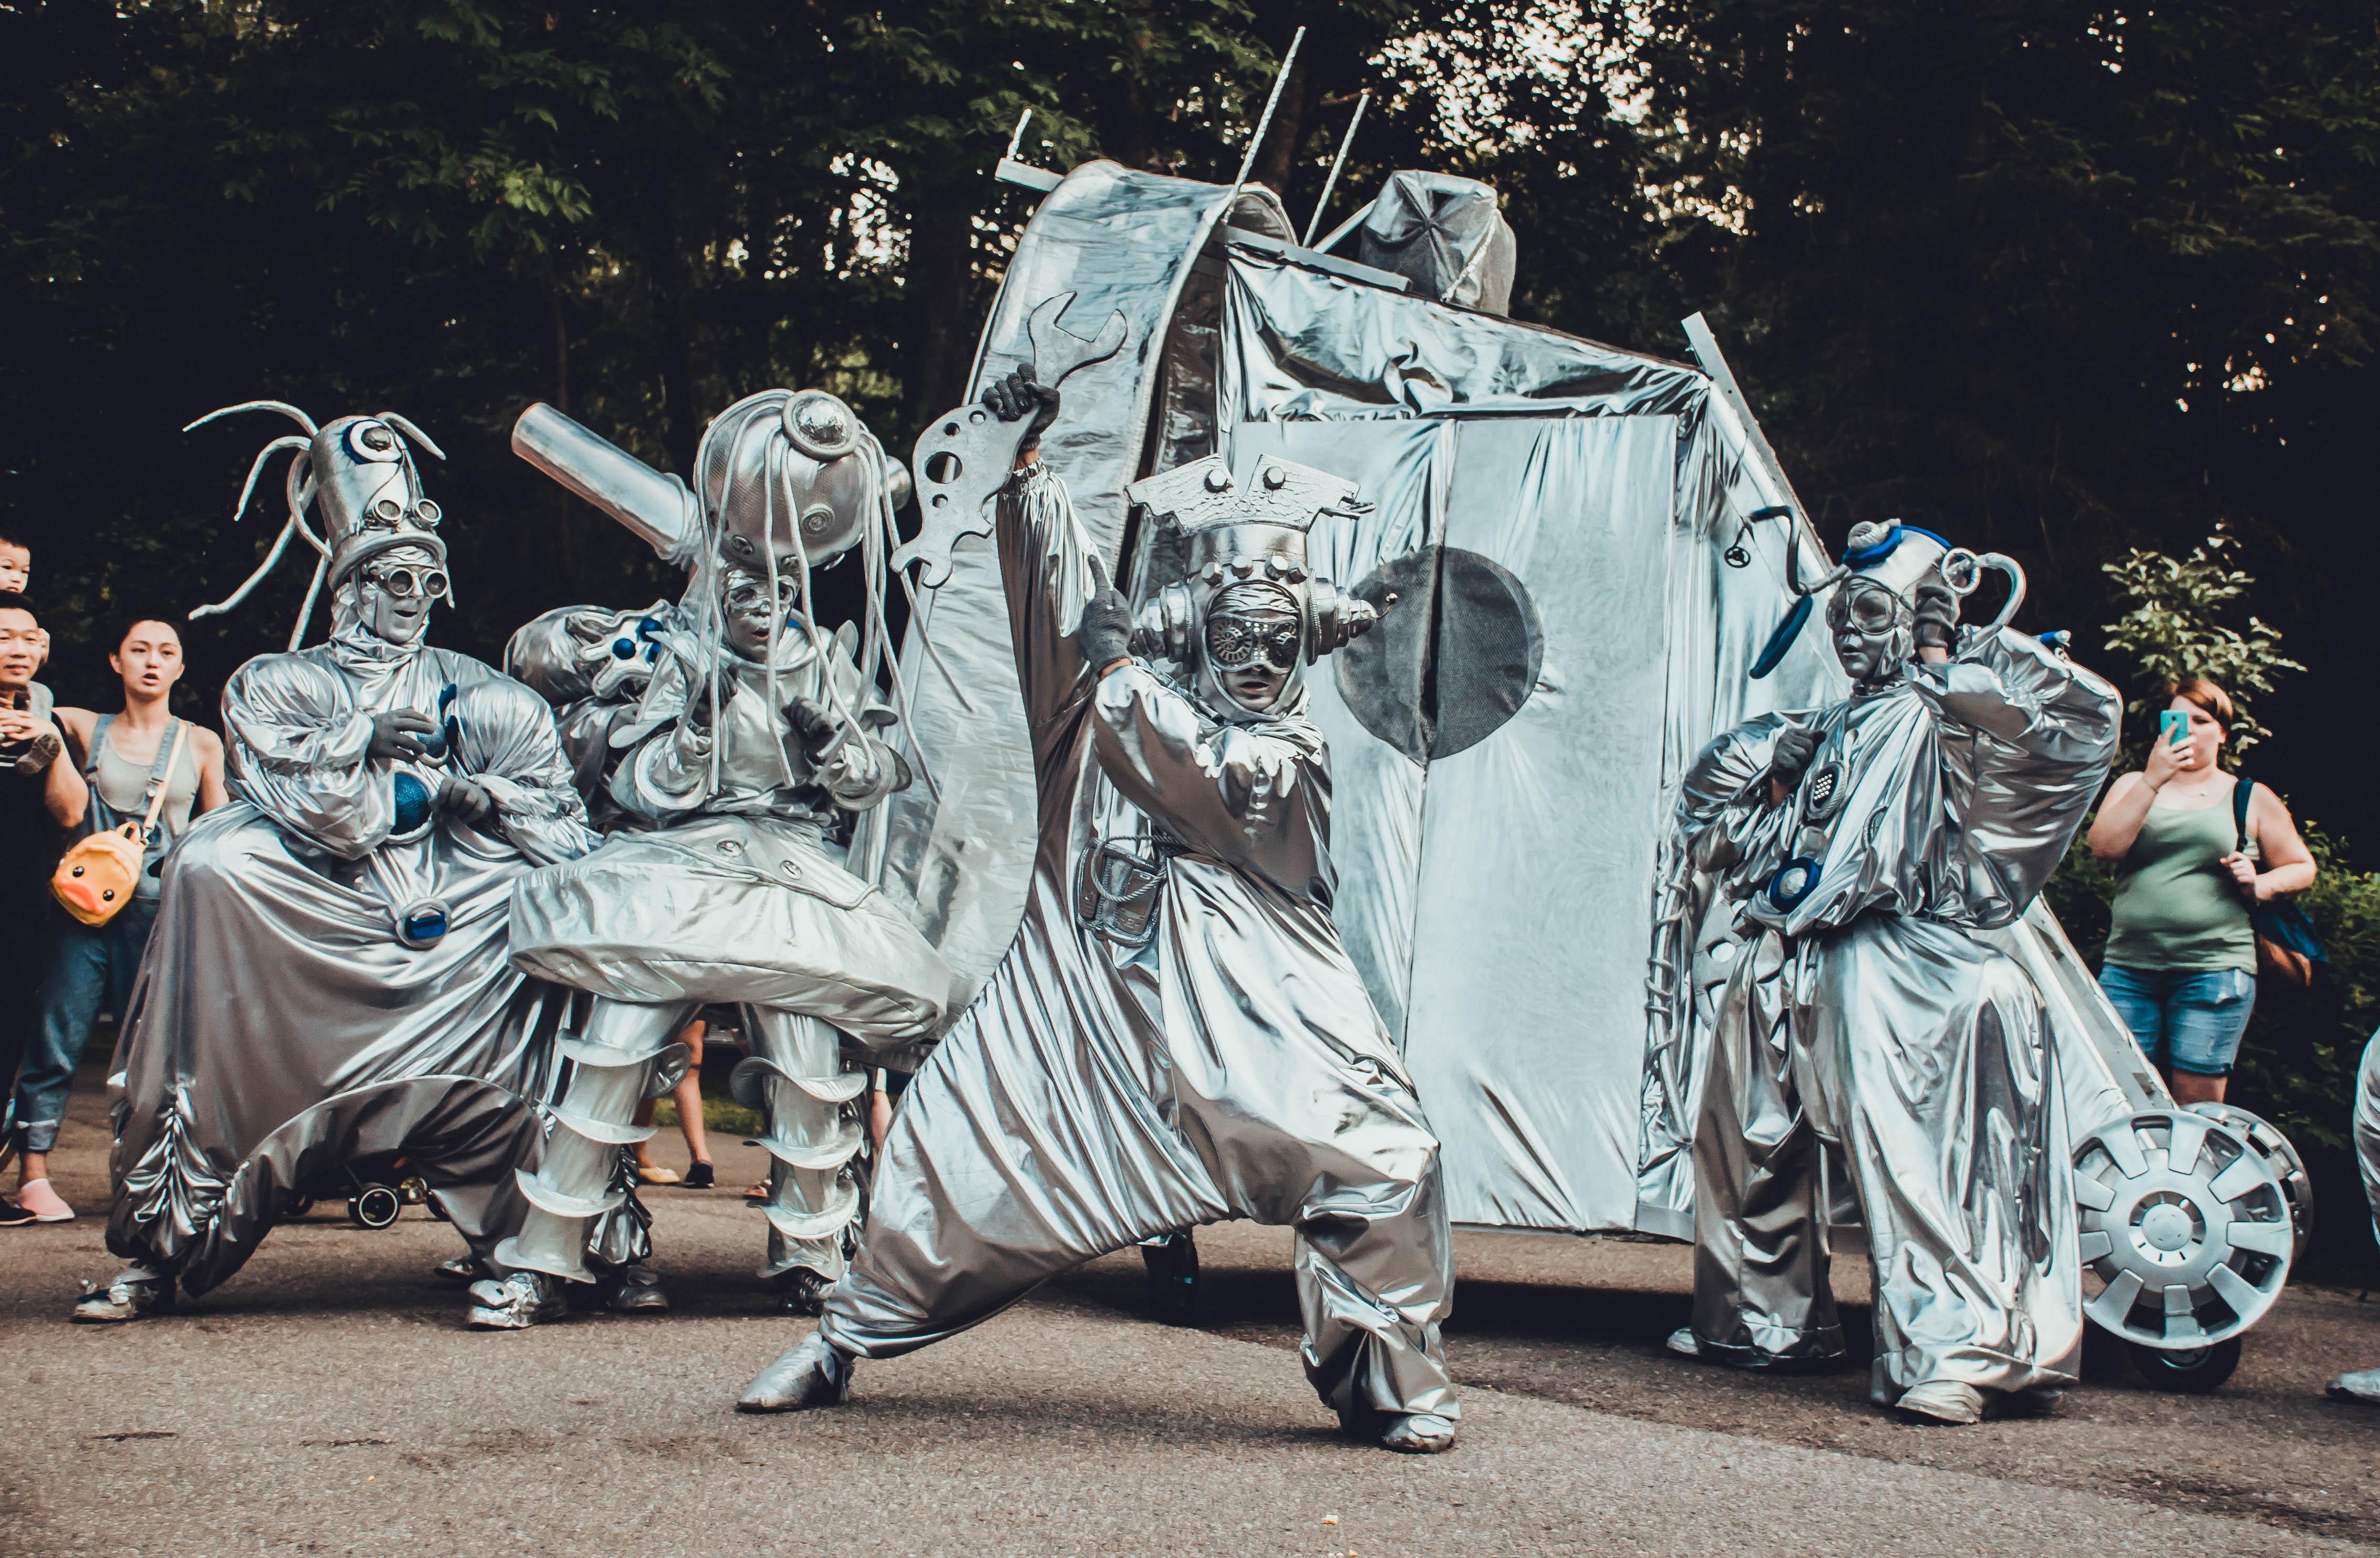 международный фестиваль уличных театров санкт-петербург елагин парк 2019 фоторепортаж фото